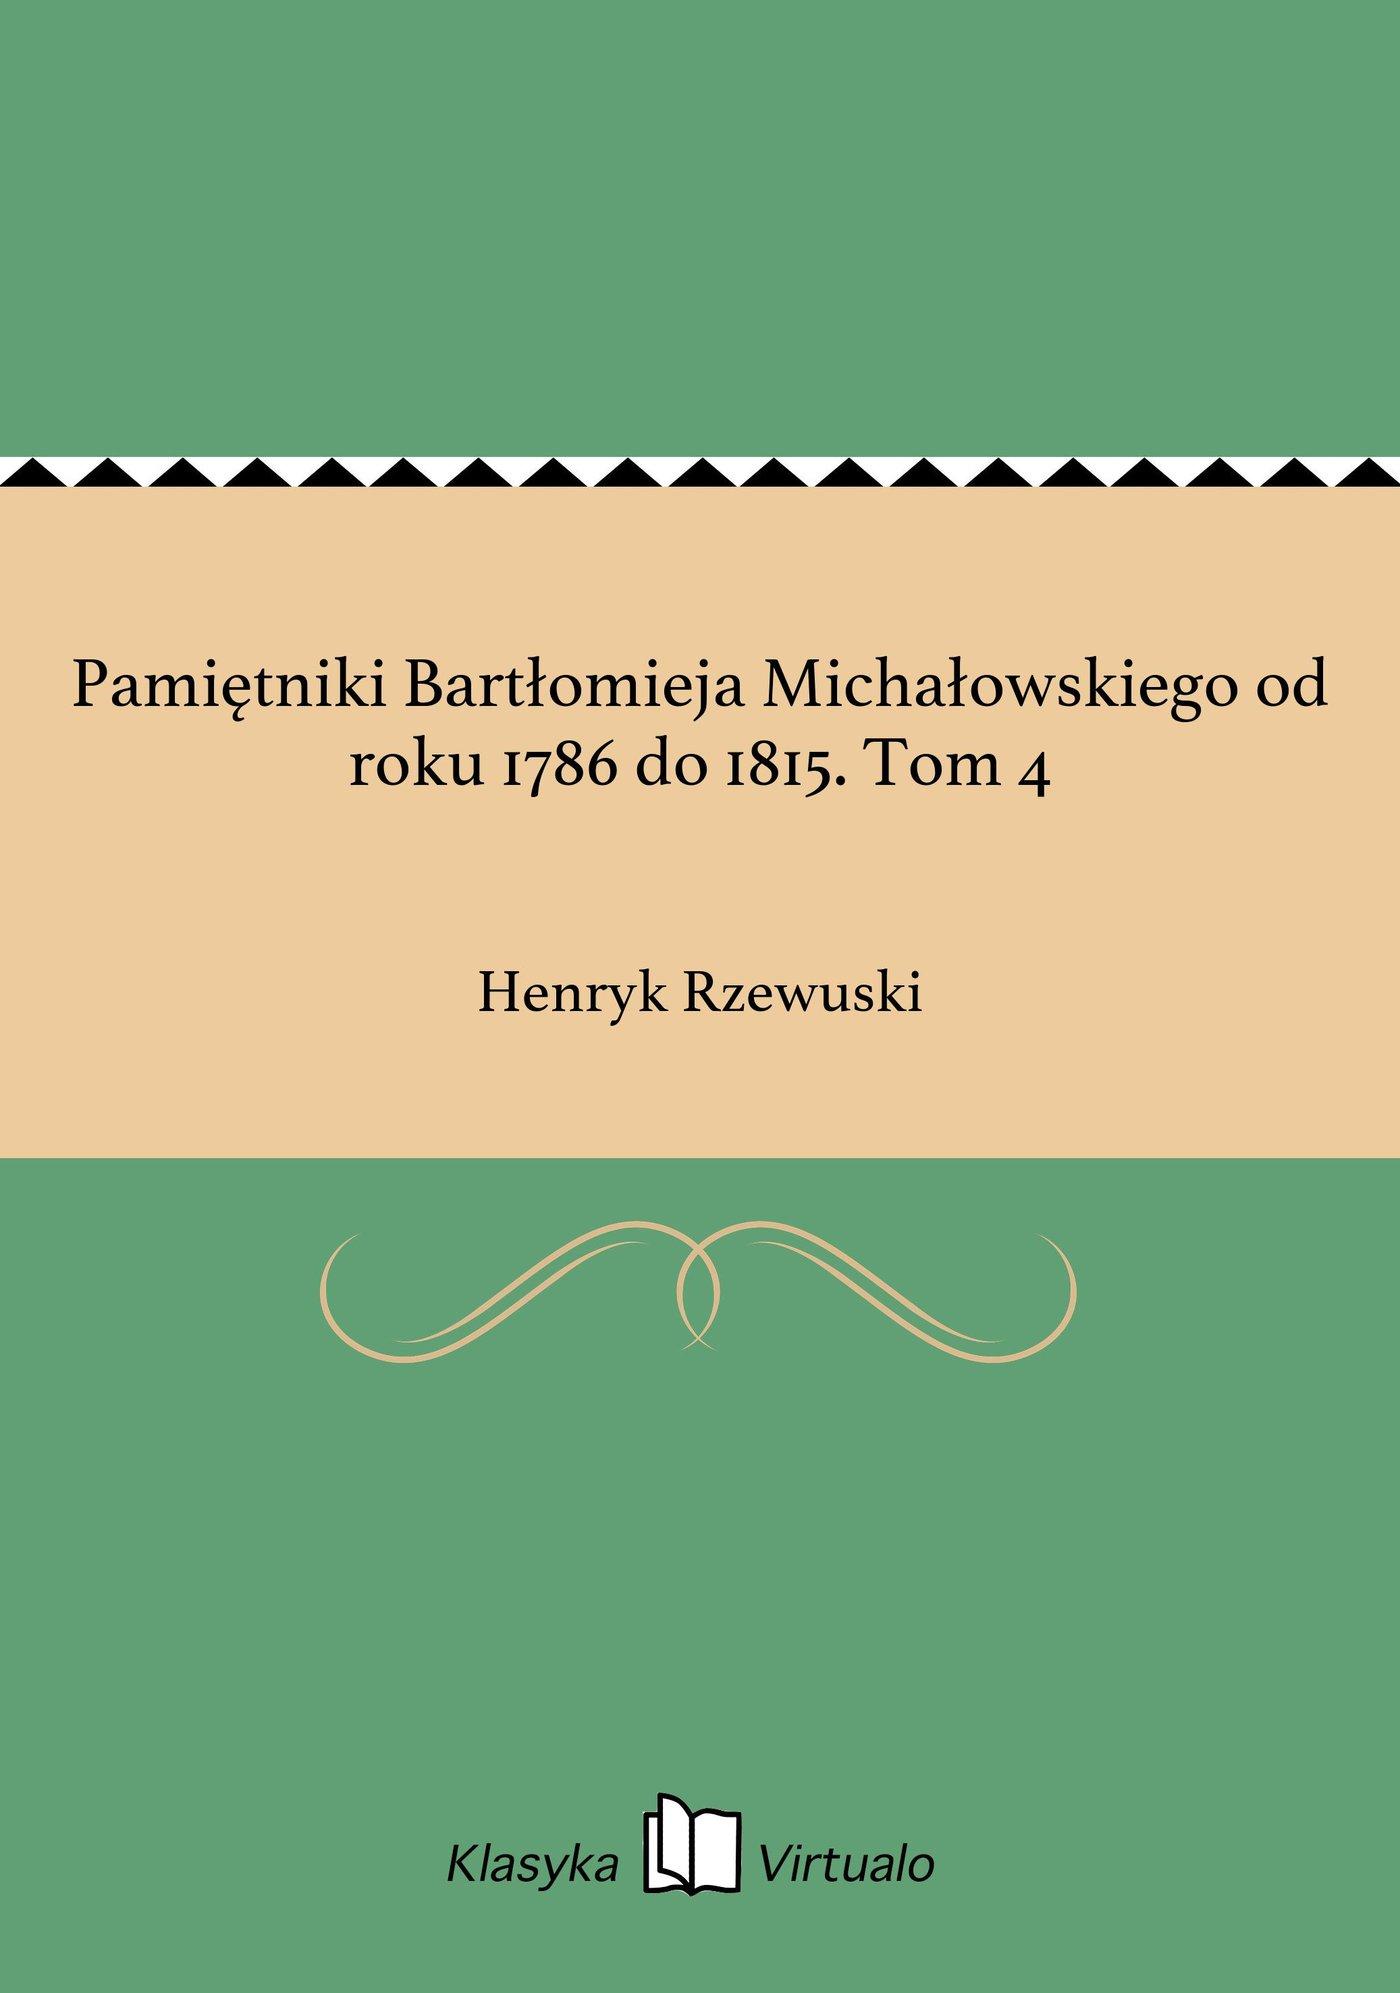 Pamiętniki Bartłomieja Michałowskiego od roku 1786 do 1815. Tom 4 - Ebook (Książka EPUB) do pobrania w formacie EPUB